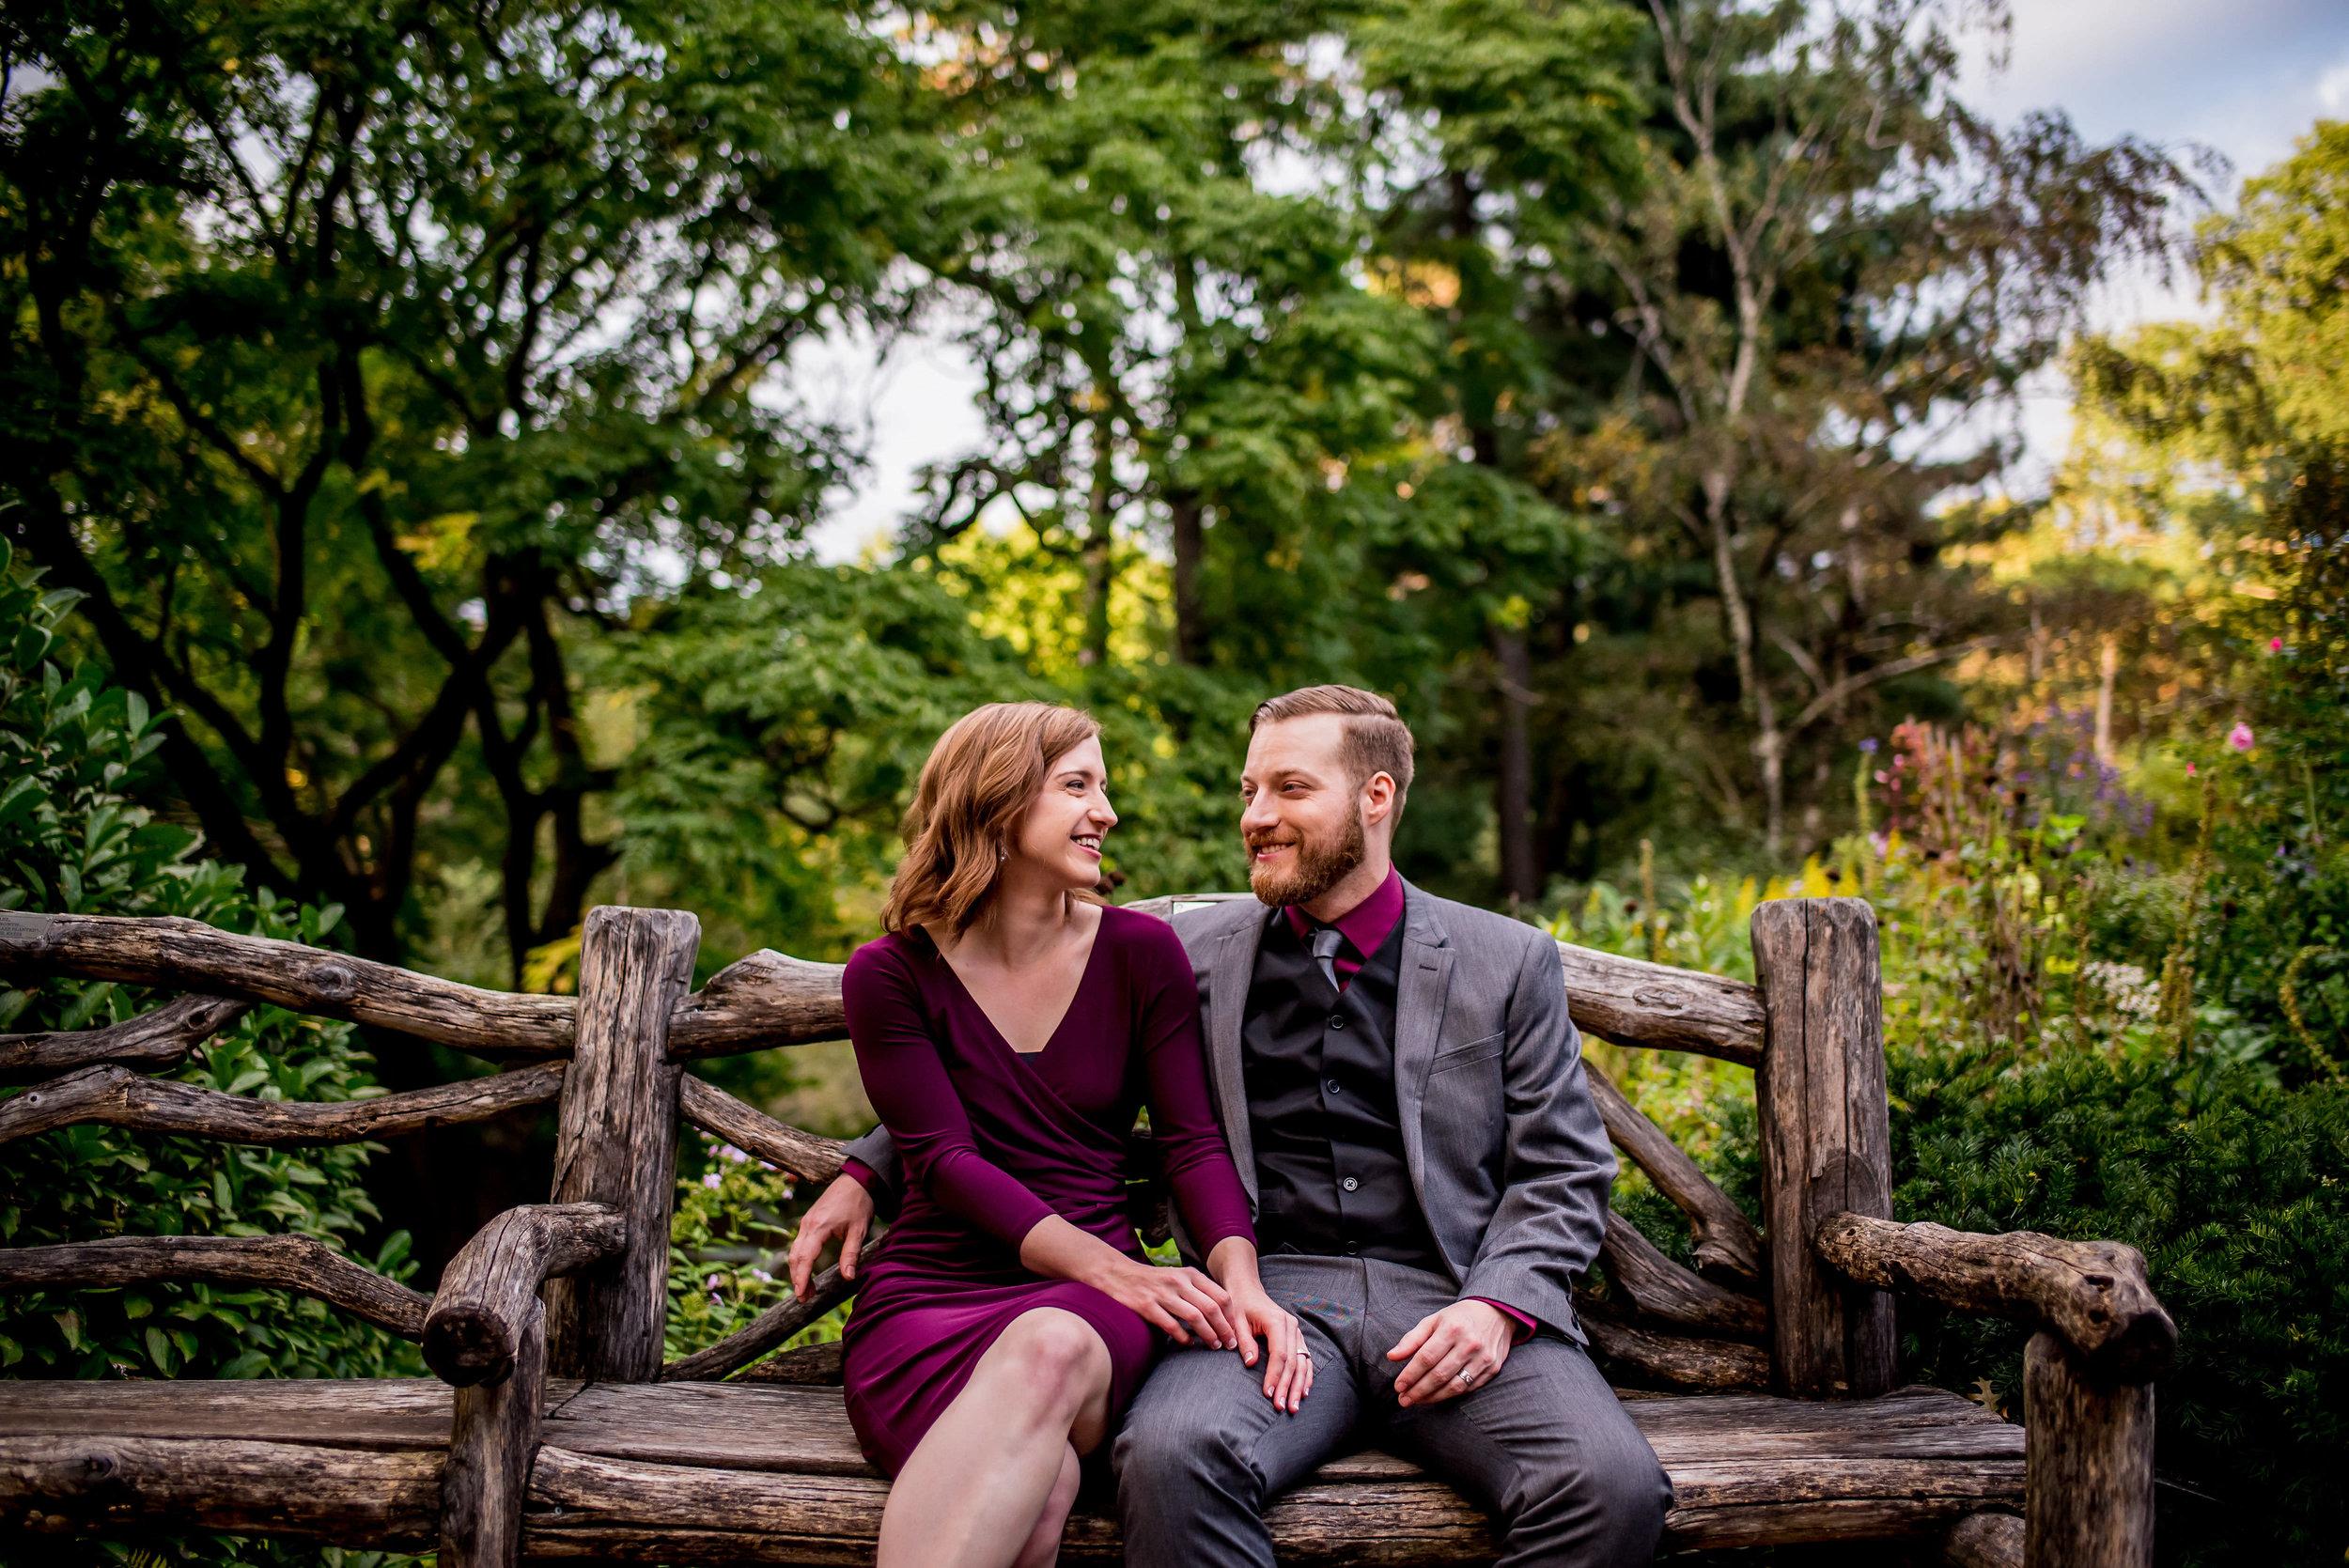 maddie_and_josh_central_park_5_year_wedding_anniversary__028.jpg